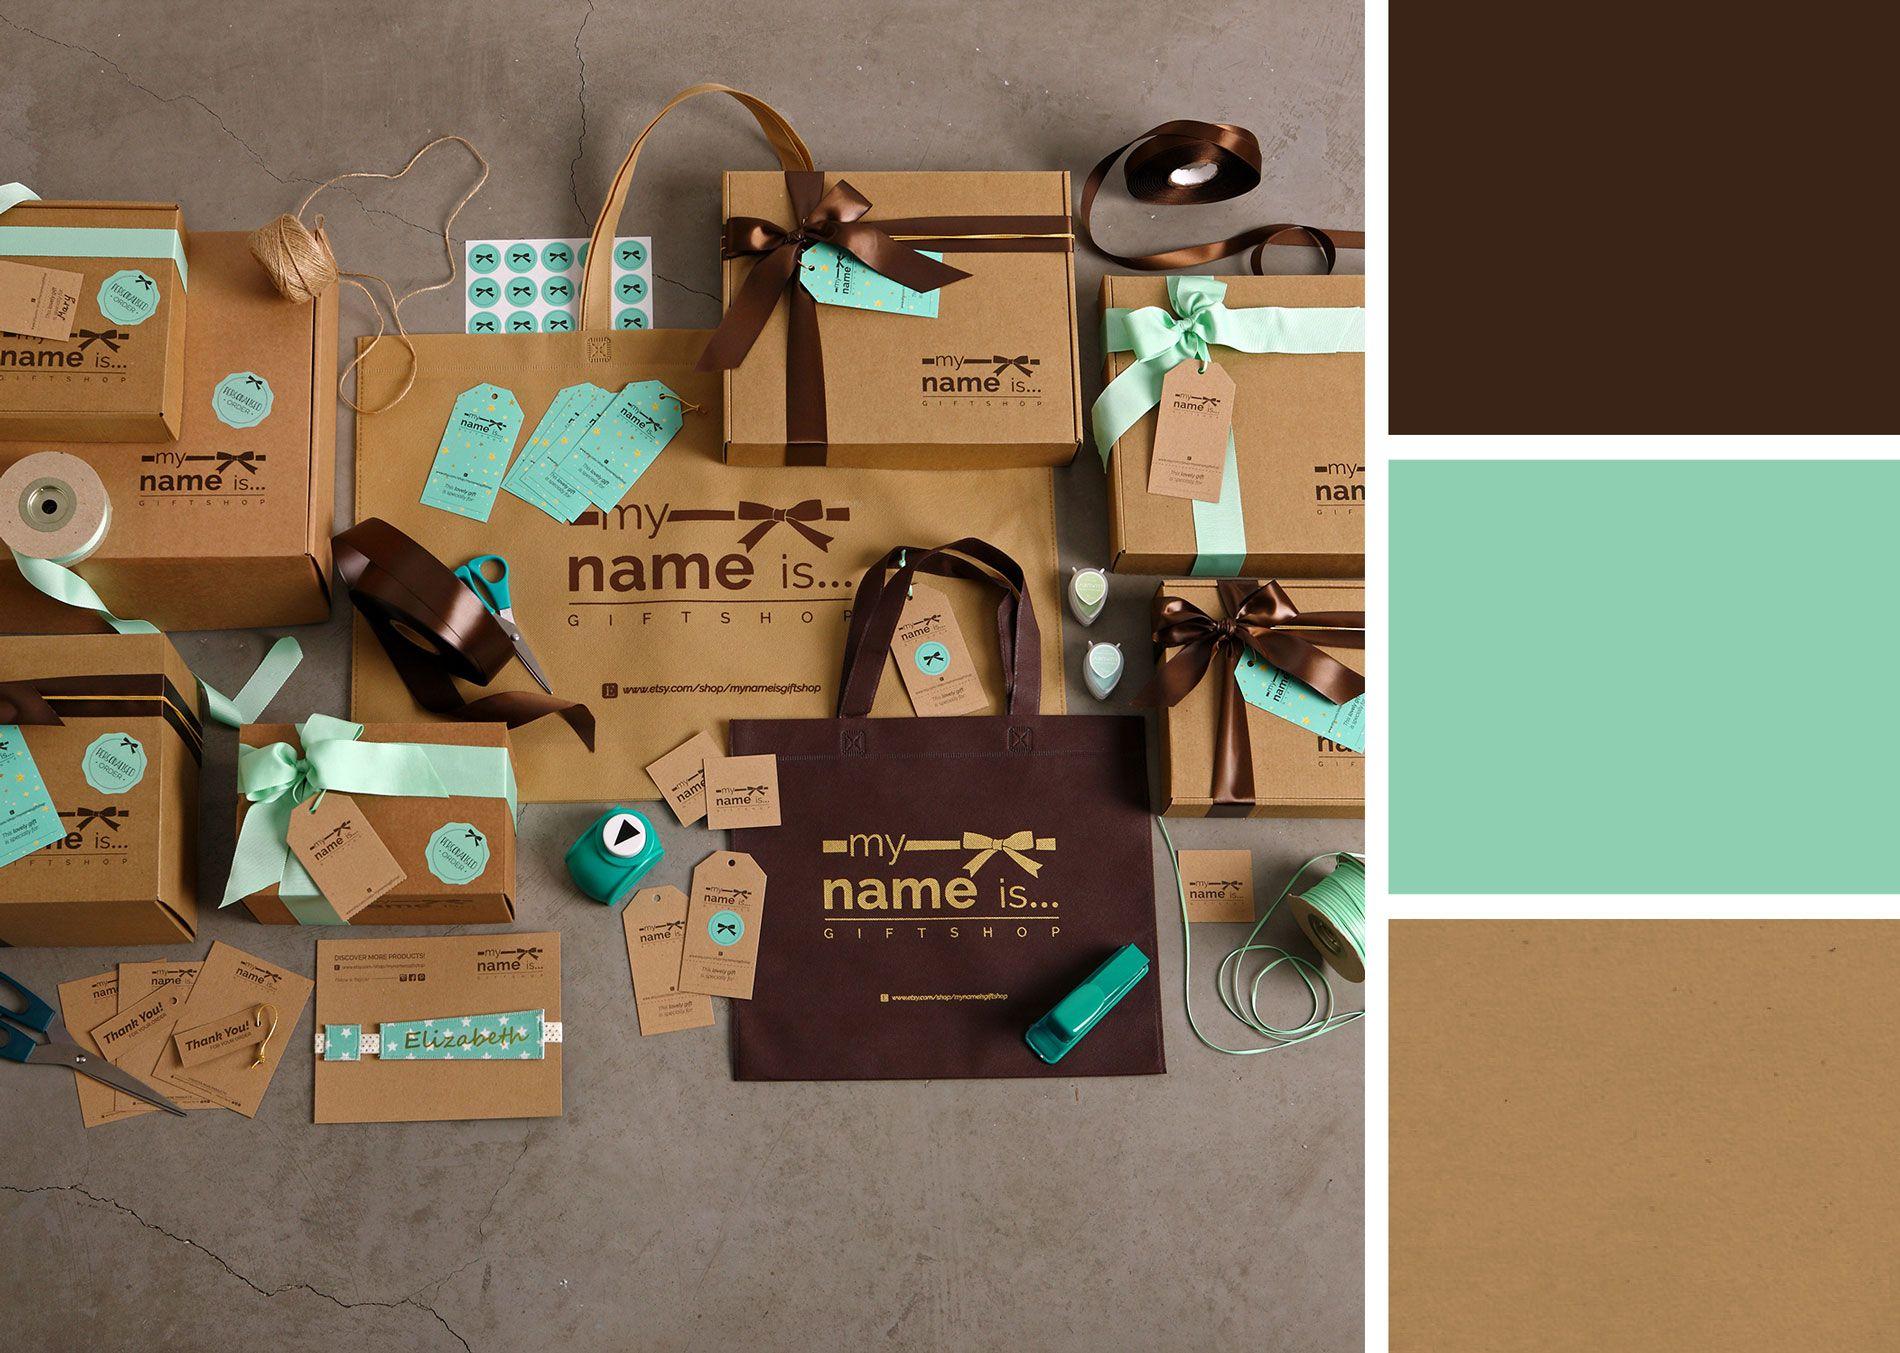 Etsy Gift Shop Etairiki Tautotita Sxediasmos Suskeuasias (5)